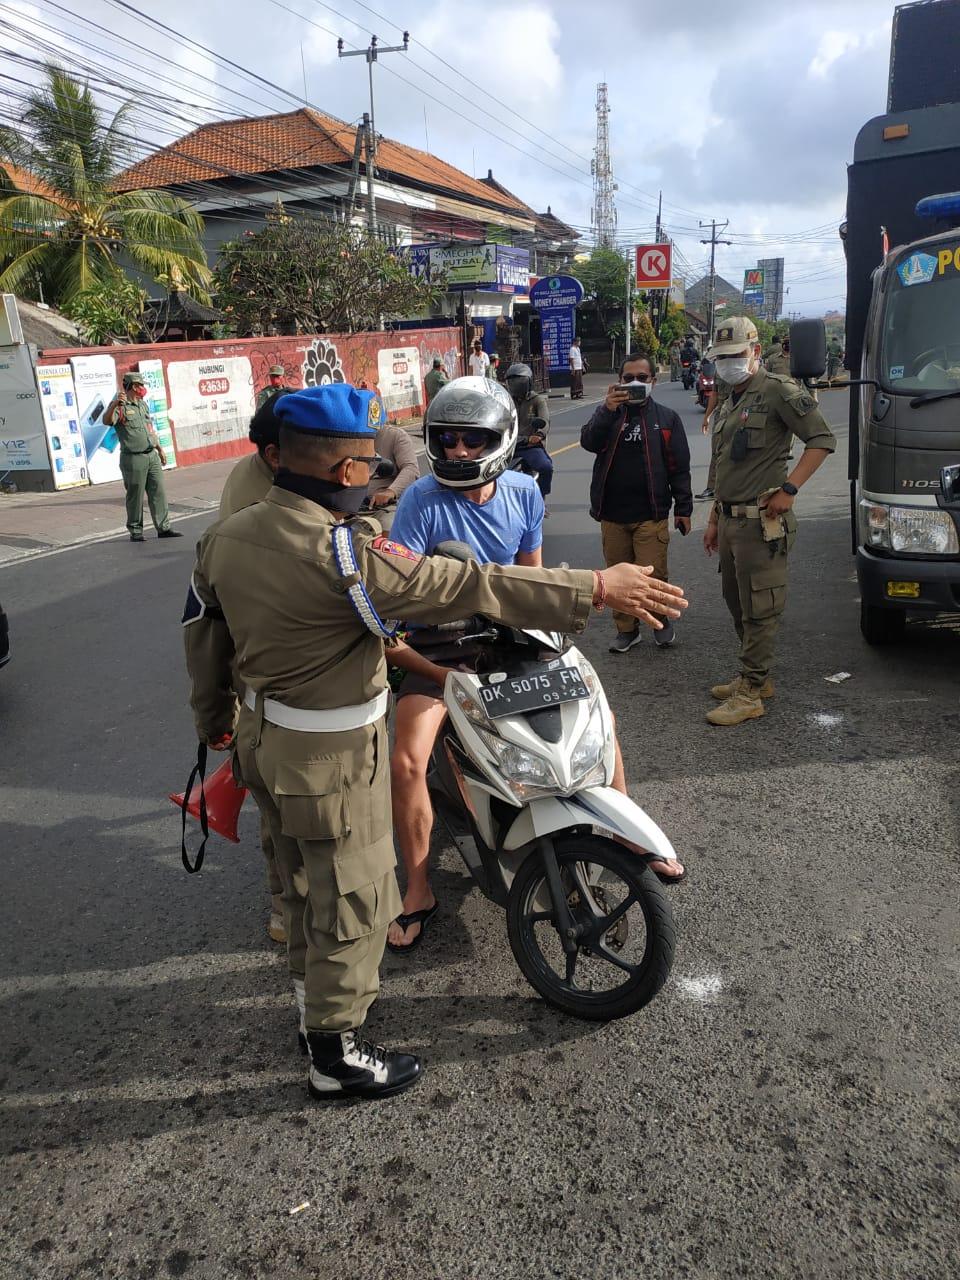 Foto: 02377 Badung Penertiban Penindakan kepada para pelanggar sidak prokes di Kecamatan Kutsel. Foto: ist